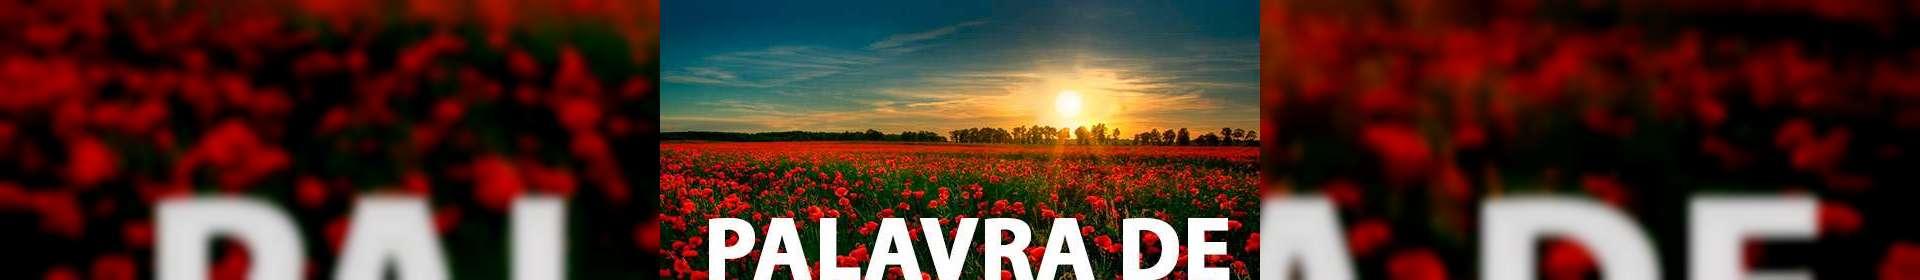 Isaías 62:12 - Uma Palavra de Esperança para sua vida